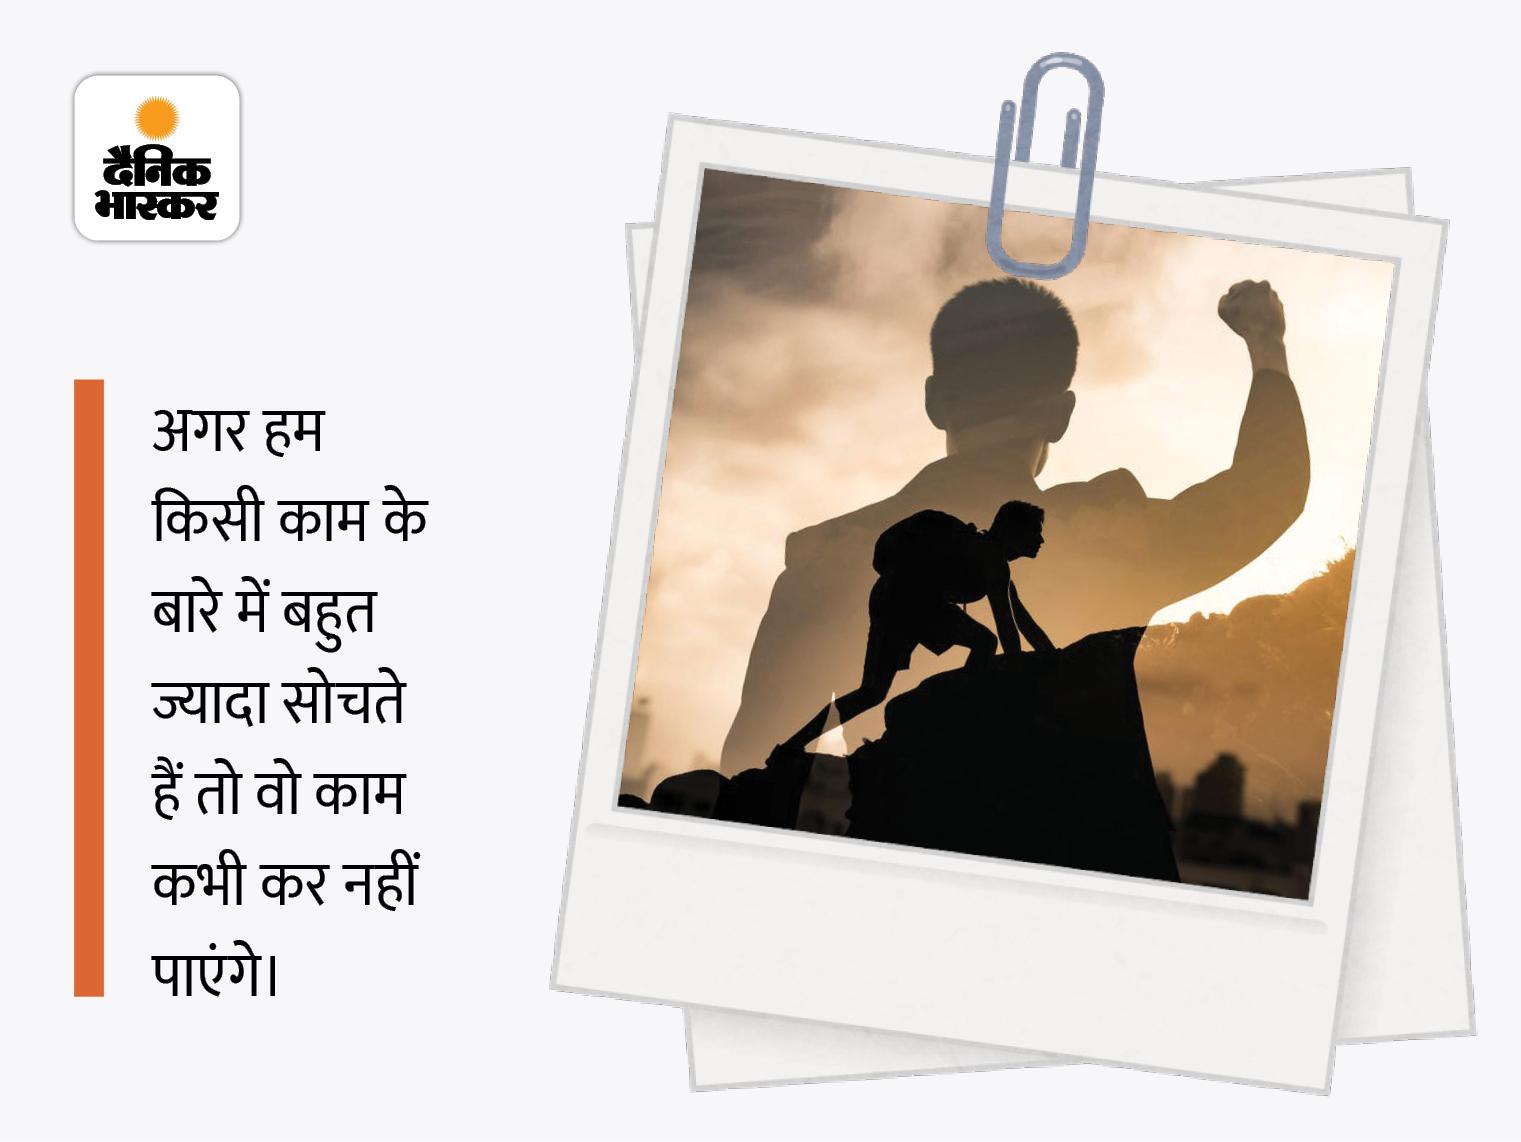 जो बात हमें शारीरिक, मानसिक और आध्यात्मिक रूप से कमजोर बनाती है, उसे जल्दी से जल्दी छोड़ देना चाहिए|धर्म,Dharm - Dainik Bhaskar